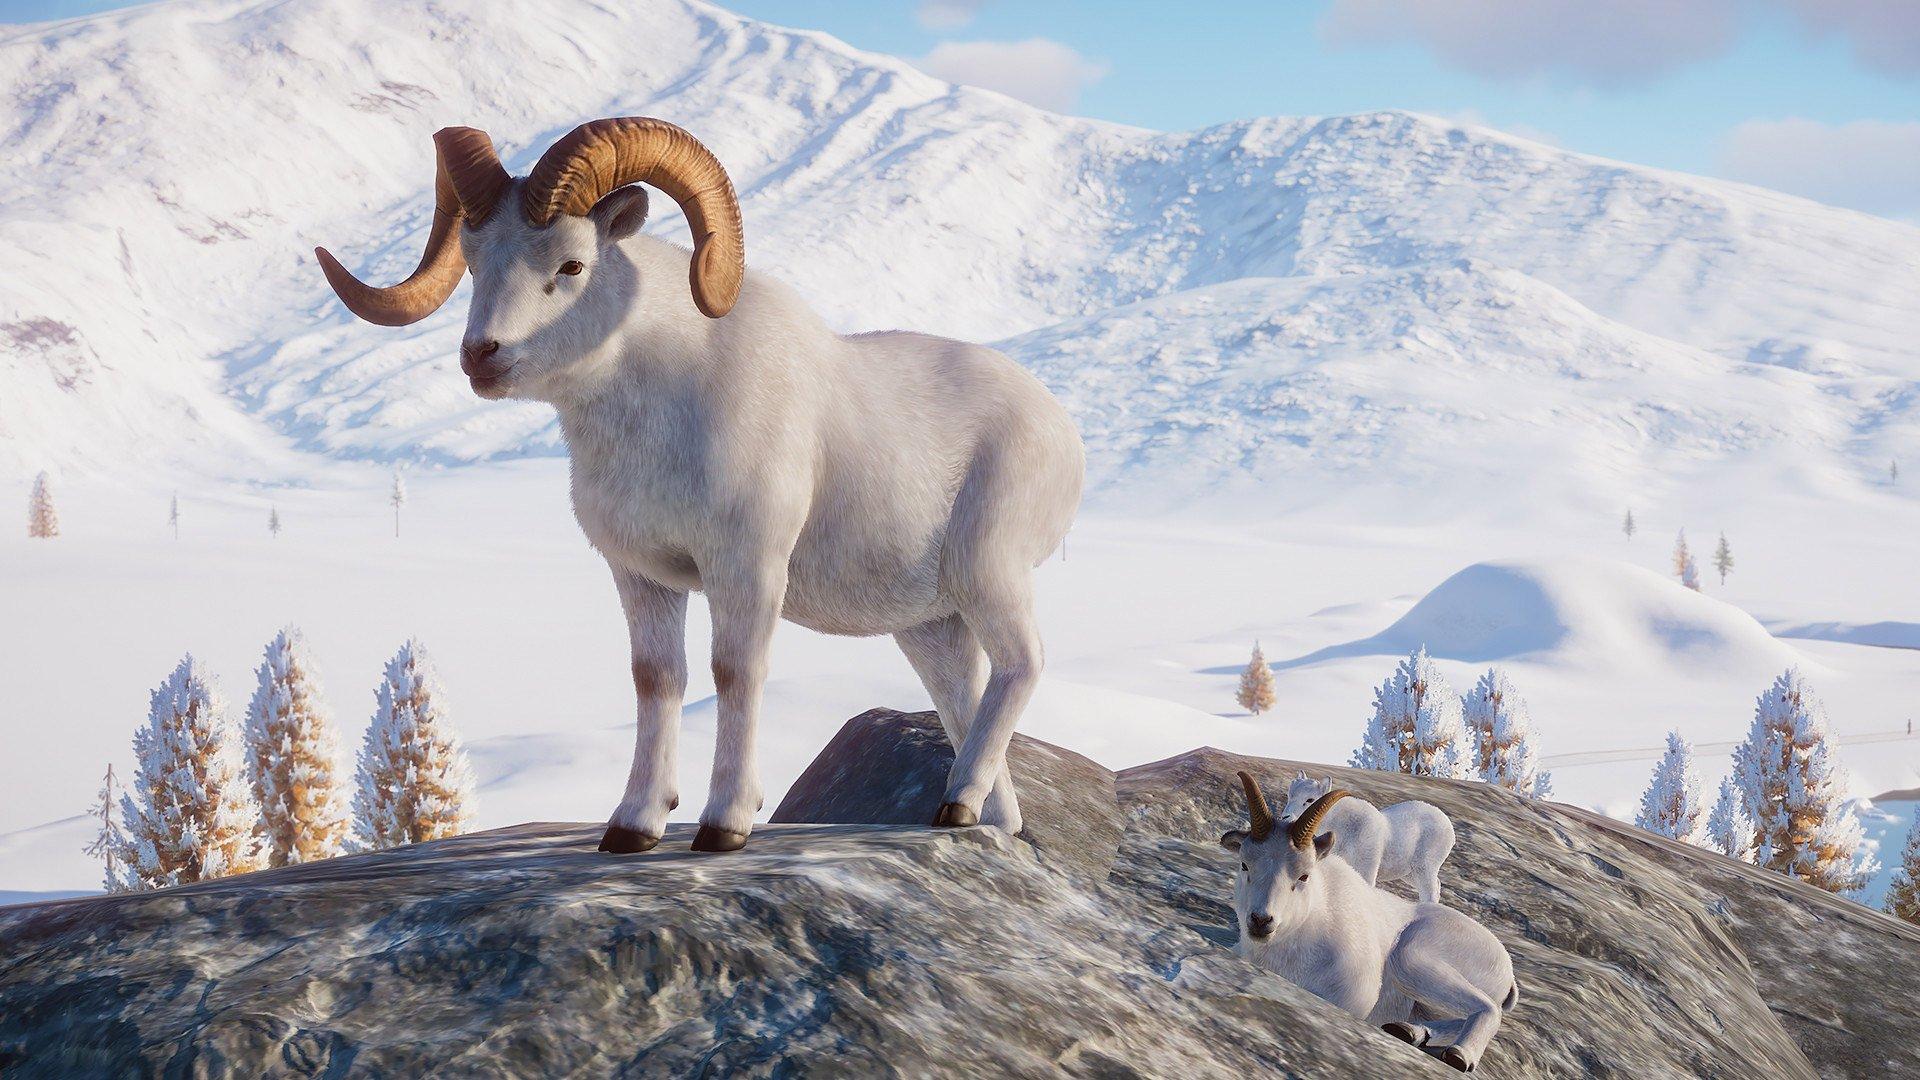 Planet Zoo Dall sheep